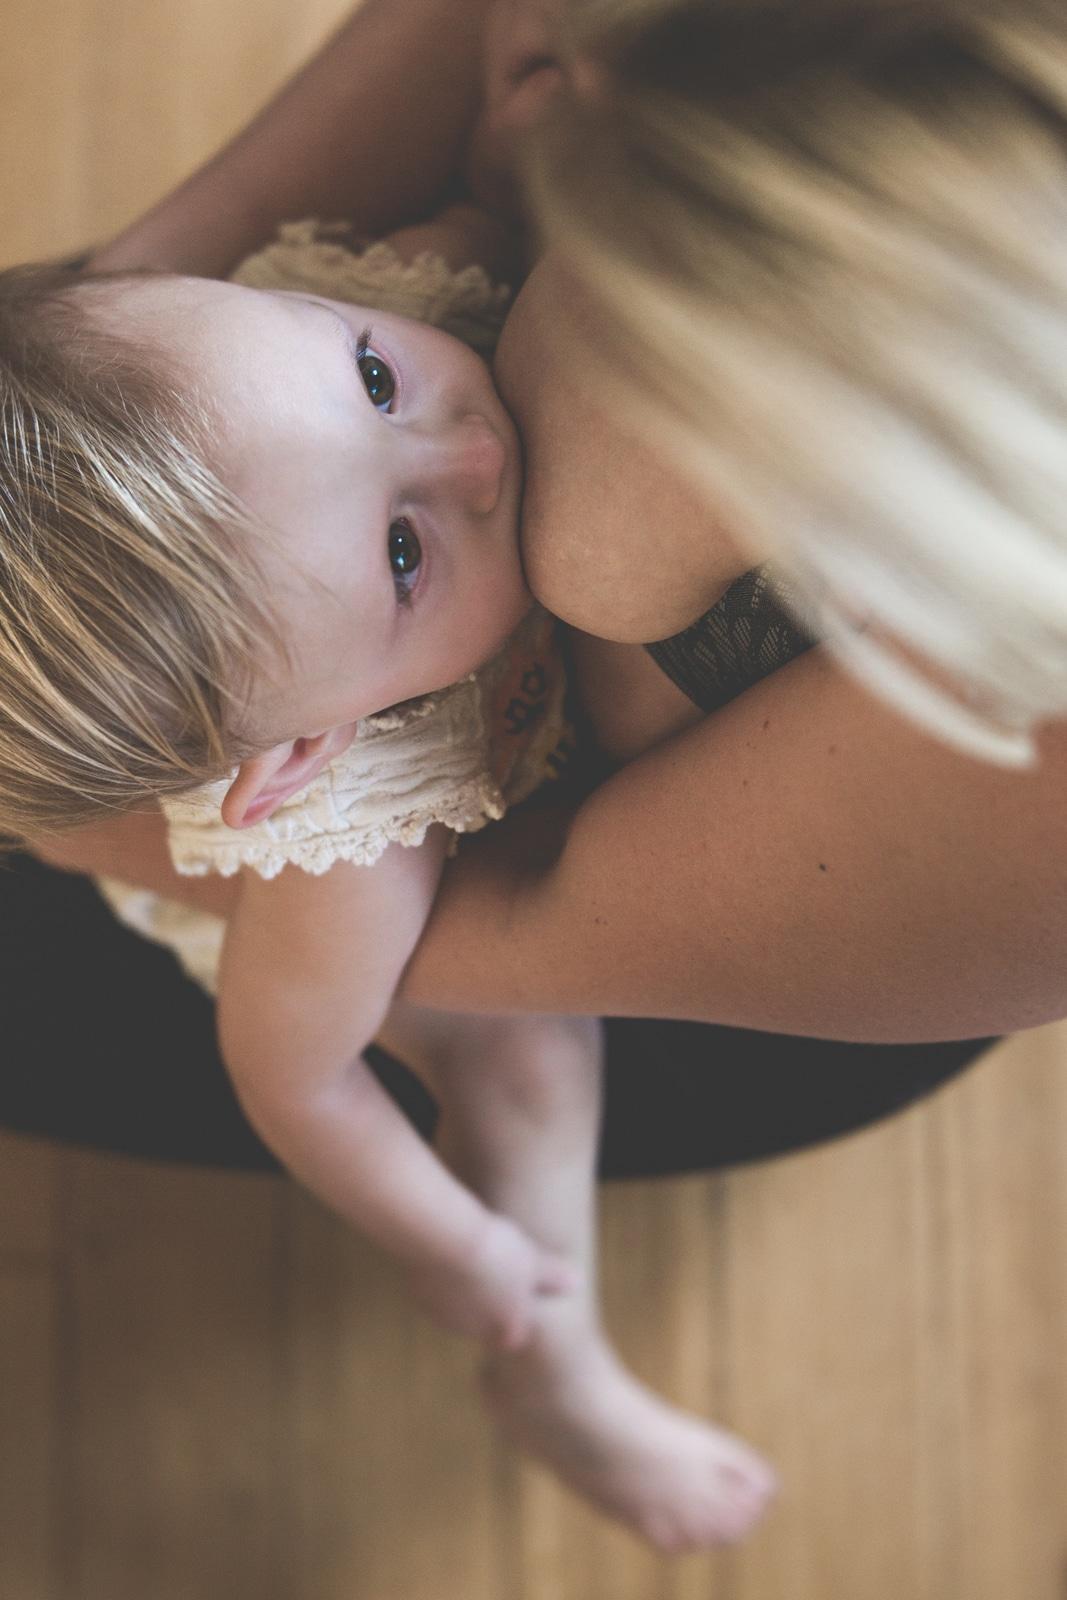 women nursing her daughter